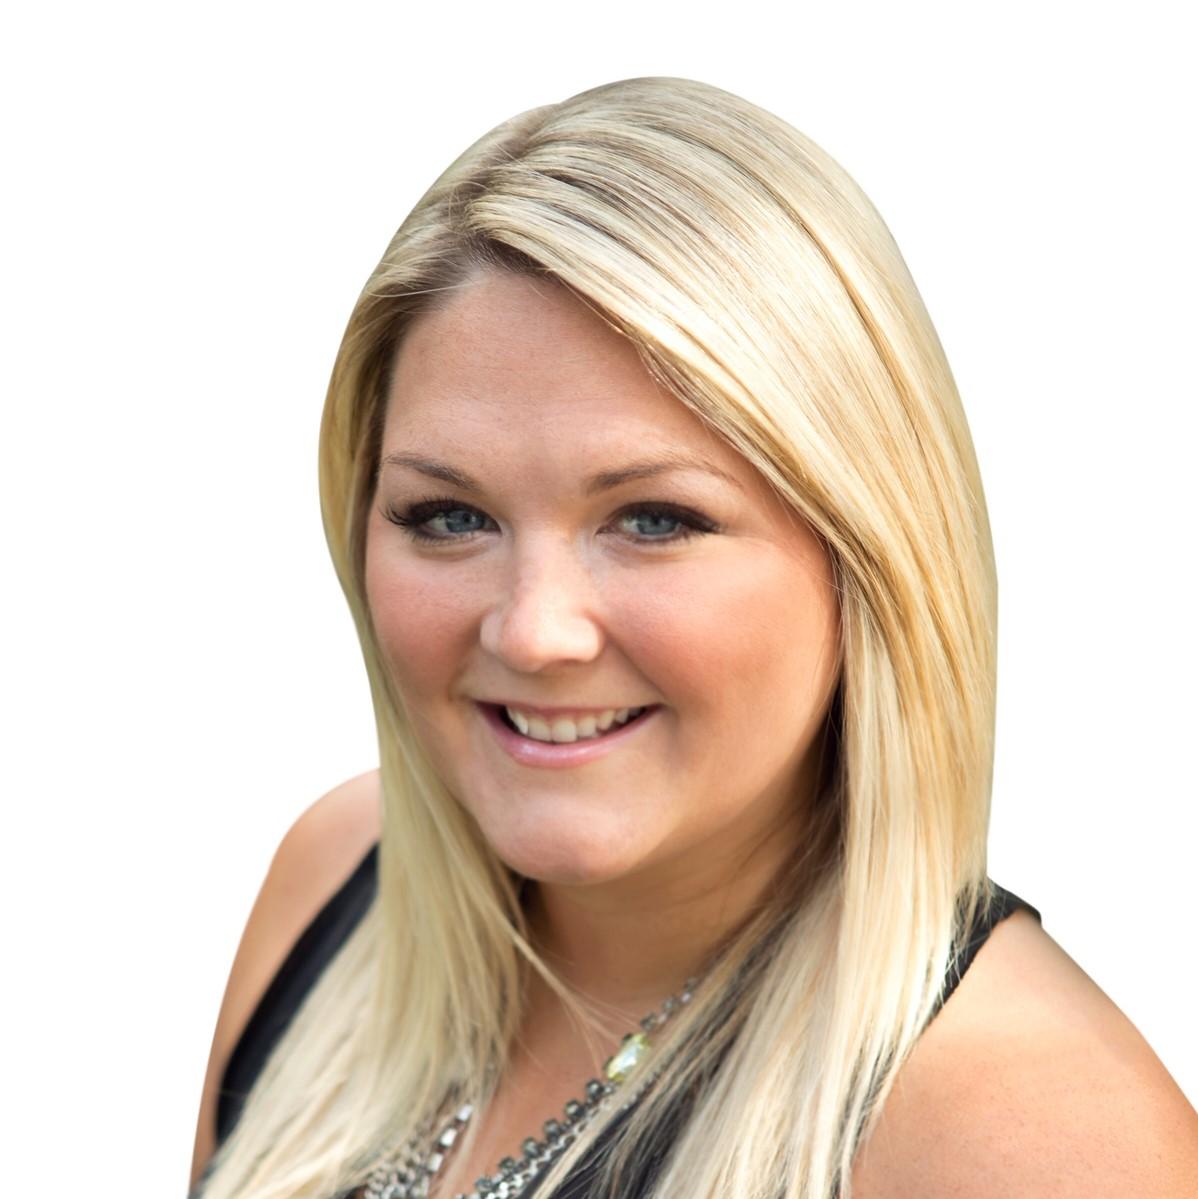 Paige Pierozynski